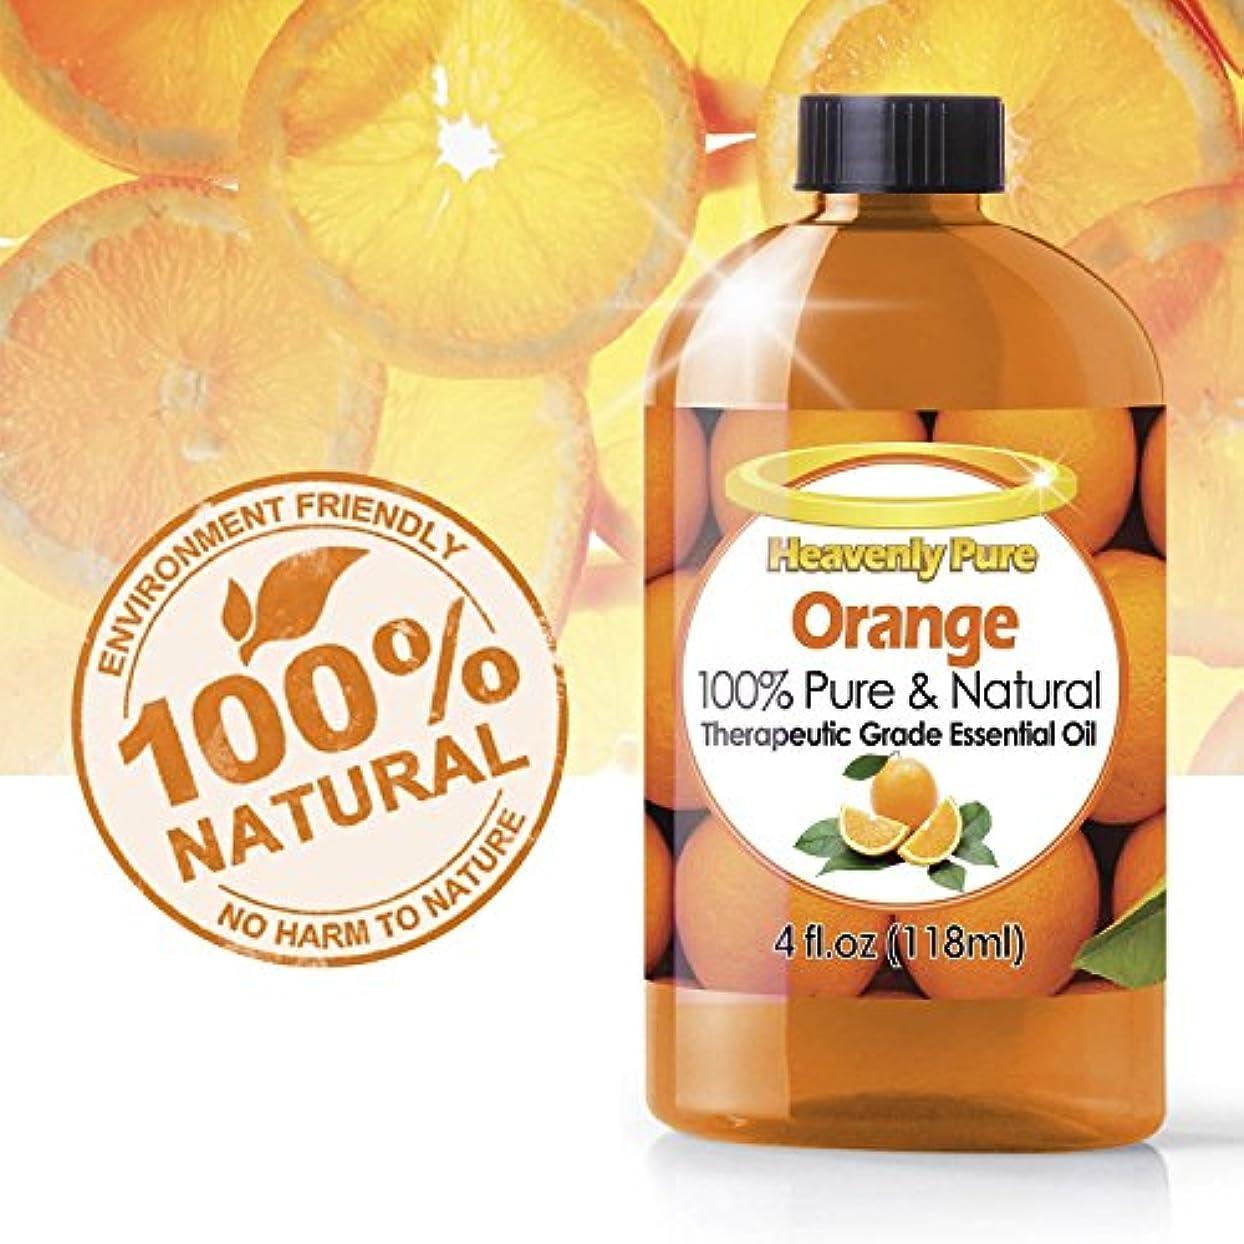 無実受取人消費者オレンジエッセンシャルオイル(HUGE 4 OZ)アイドロップ剤 - 100%ピュア&ナチュラルスイートシトラスアロマ - 治療グレード - オレンジオイルはアロマセラピー、イミュニティ、天然抗菌、および洗浄に最適です